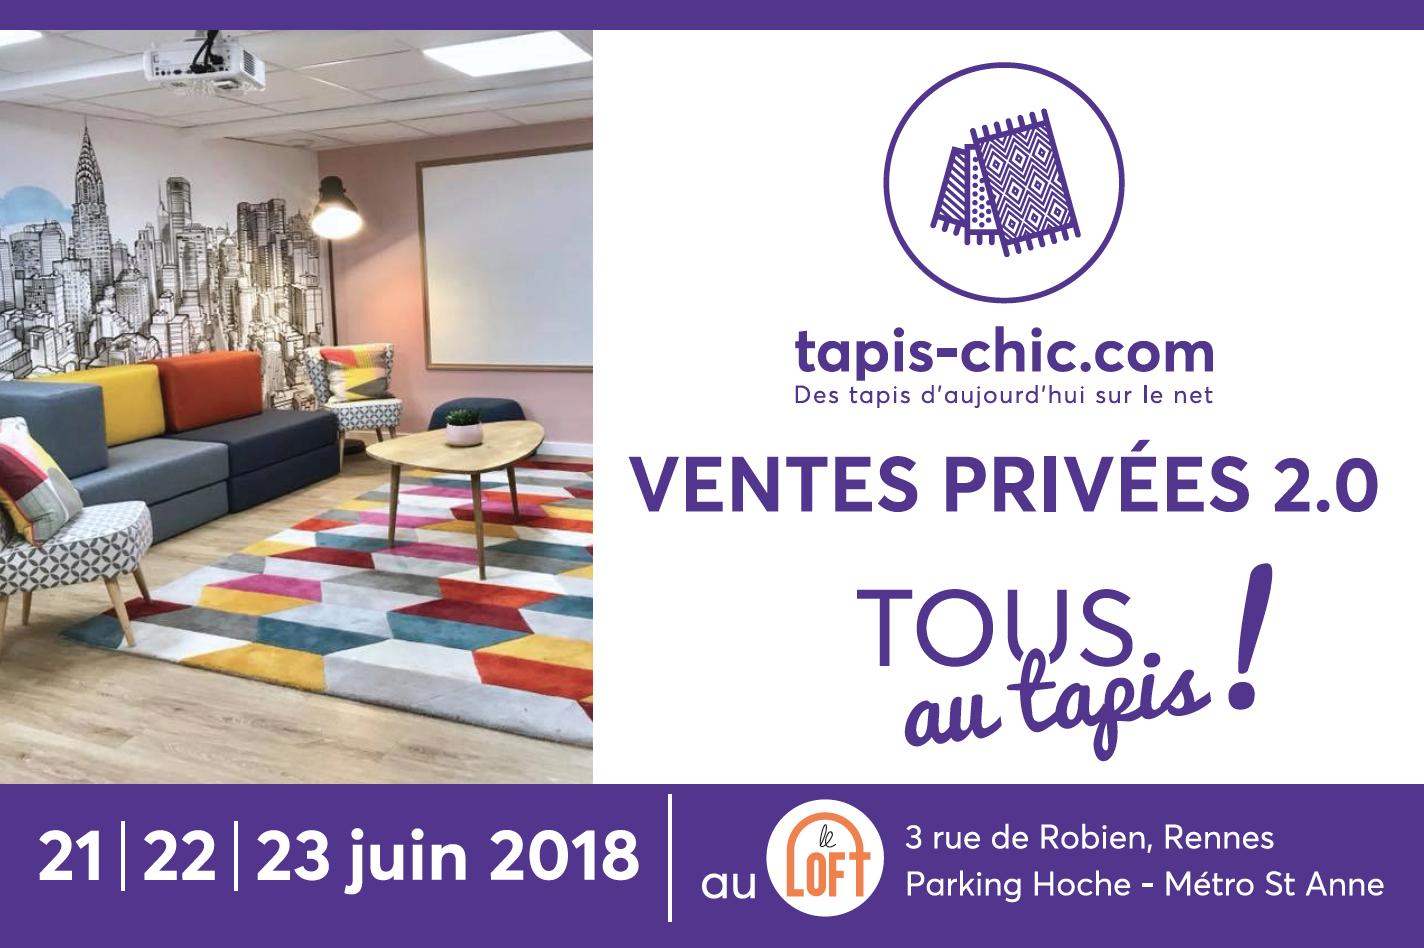 Tapis-chic.com